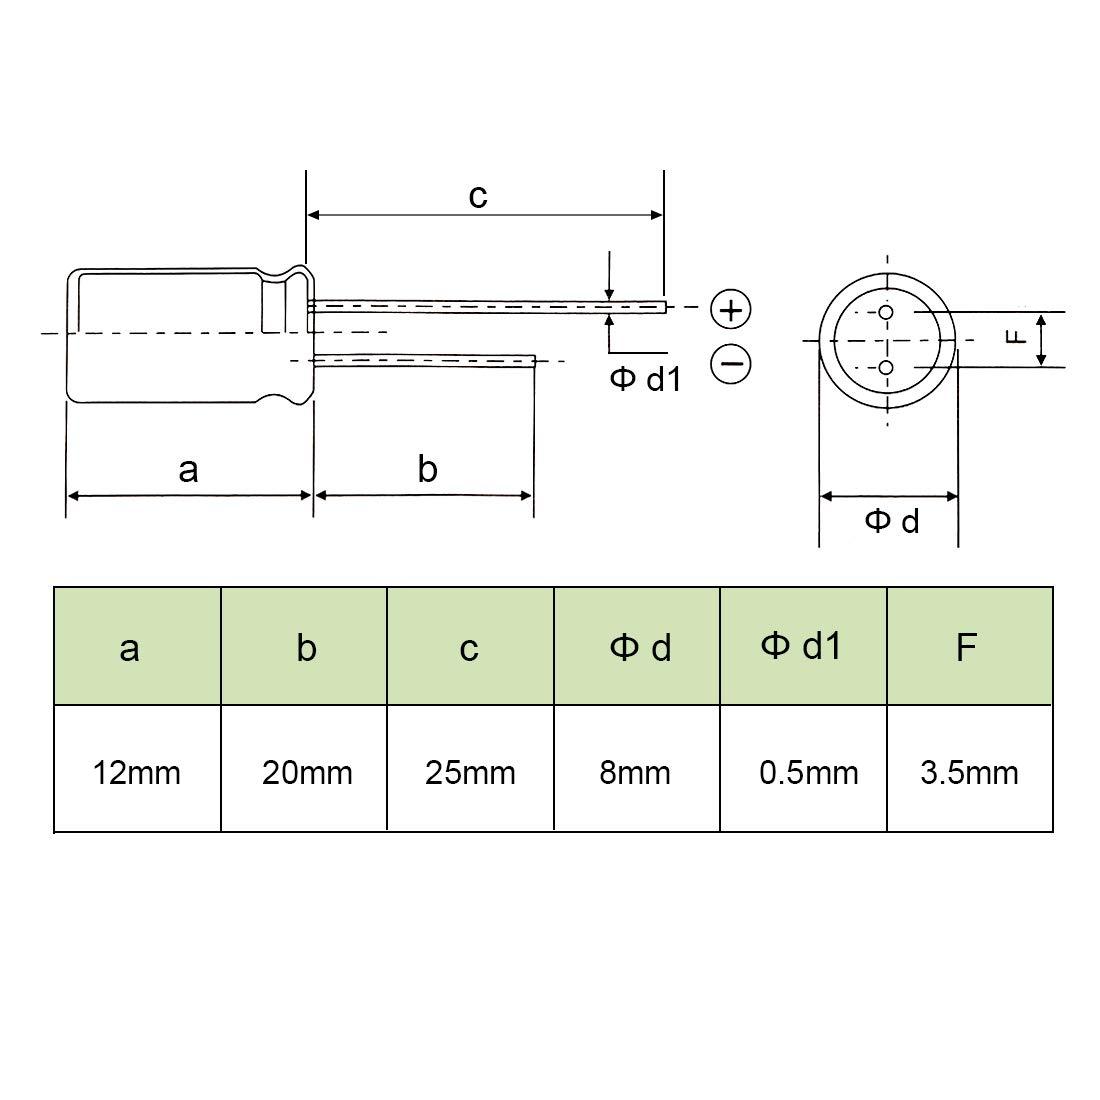 sourcing map Alluminio radiale Condensatore elettrolitico bassa ESR verde con 10uF 400V 105 Celsius vita 3000H 8x12 mm Corrente elevata ondulazione,bassa impedenza 80pz